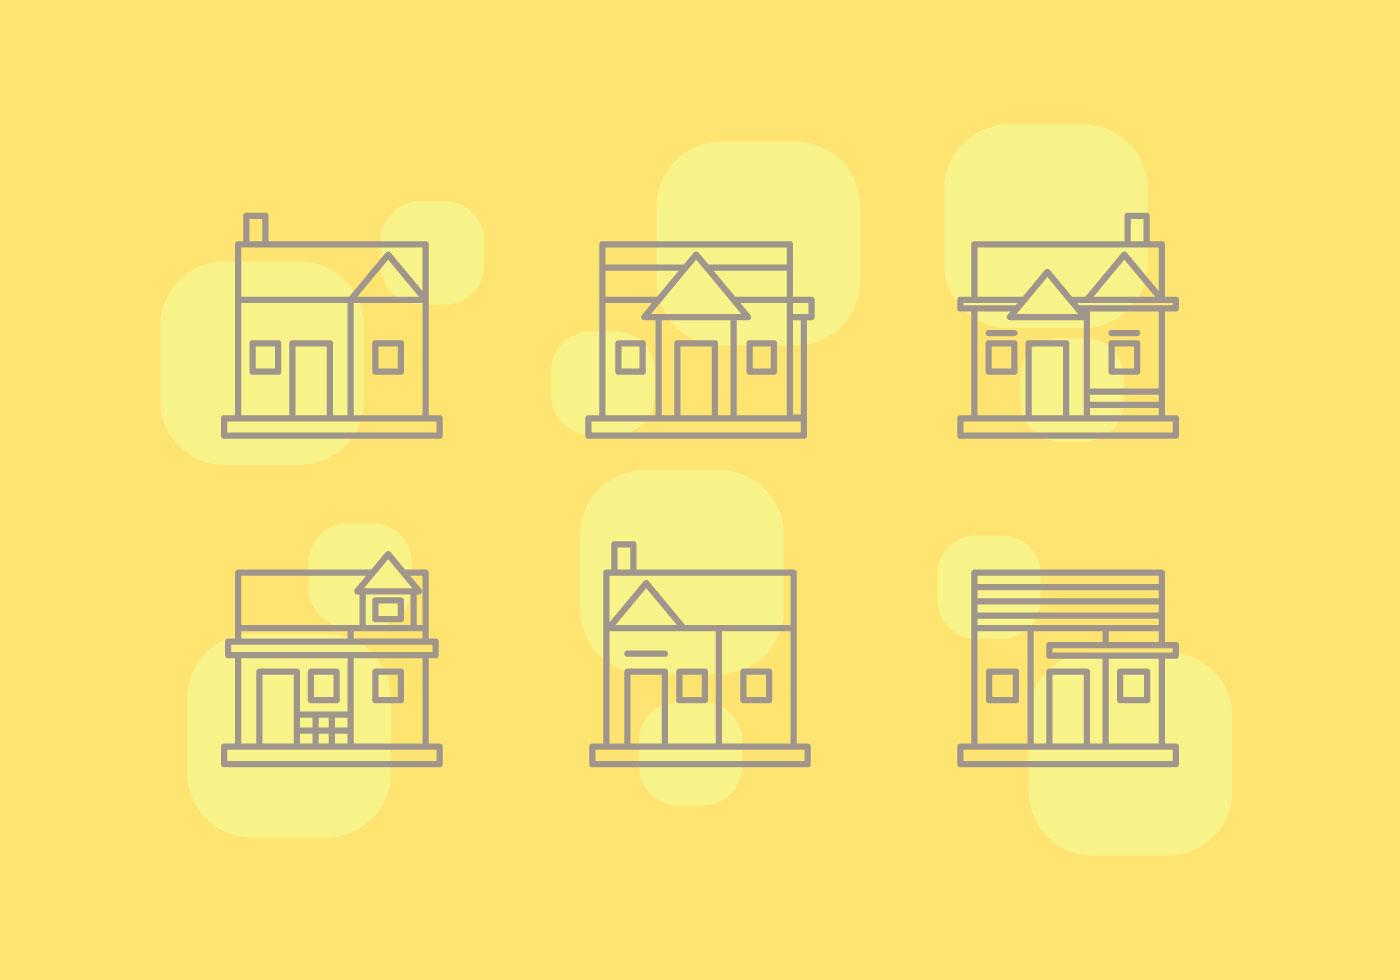 房子icon